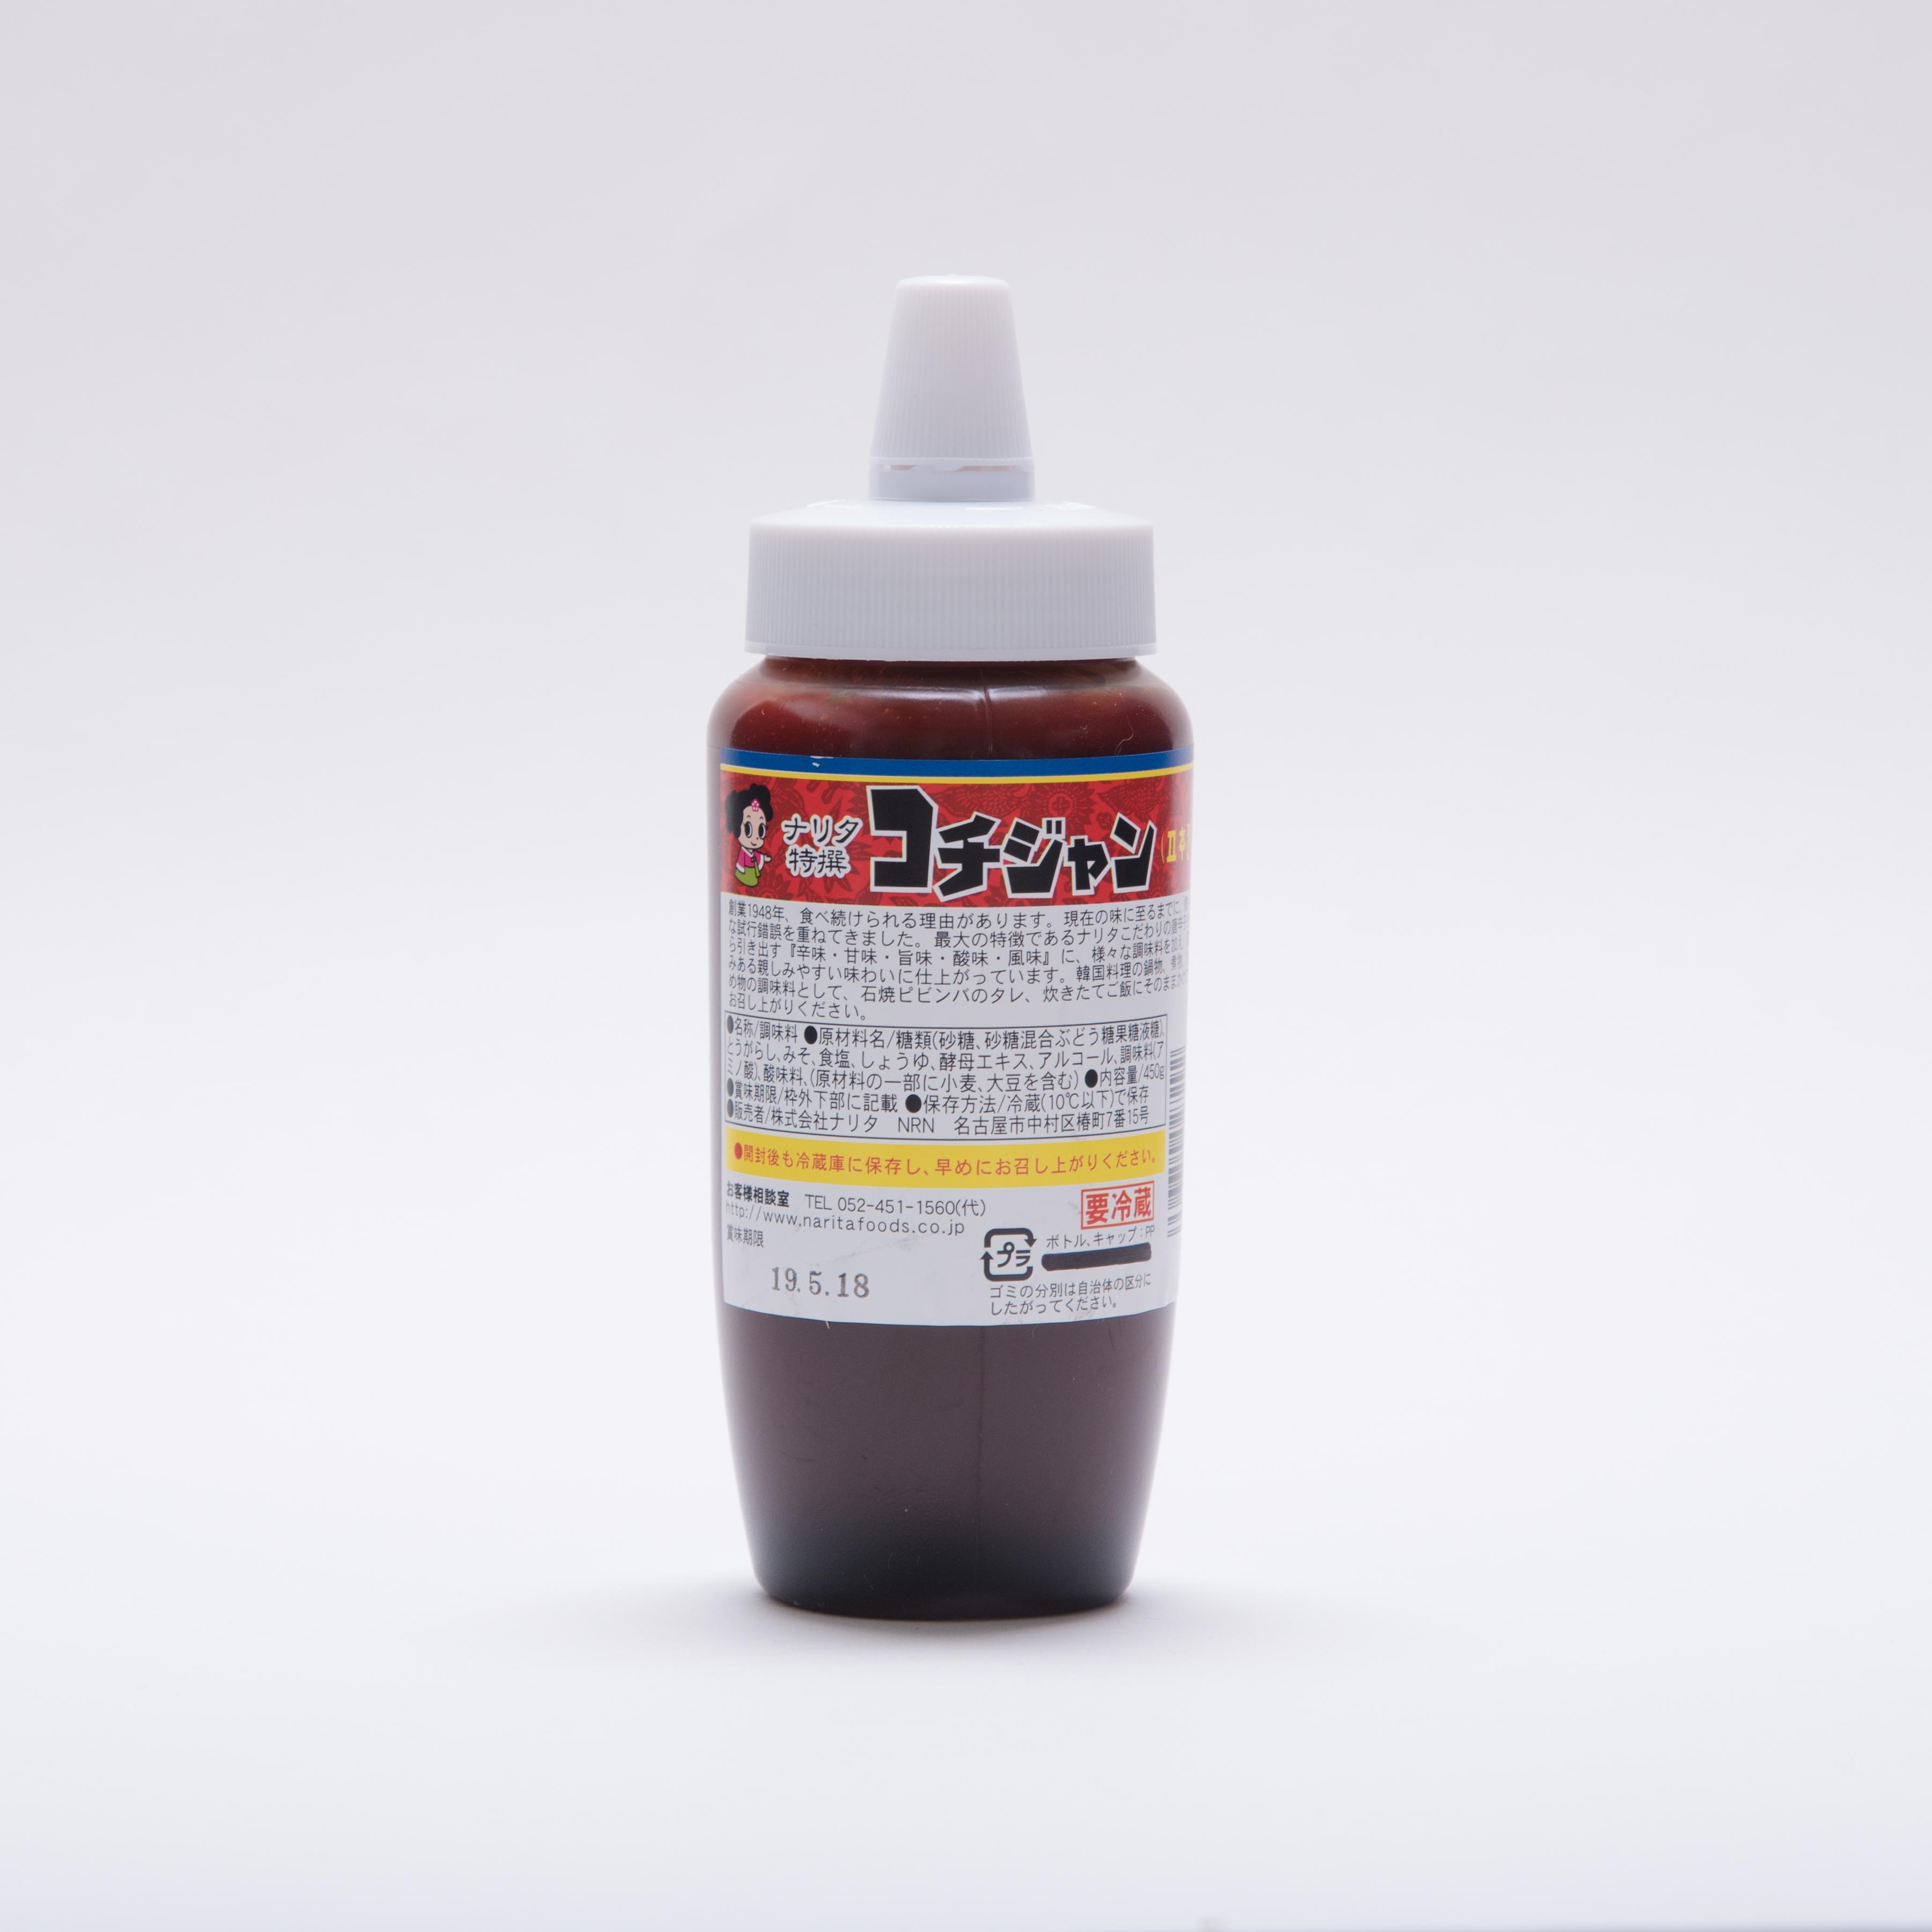 ナリタ特選コチジャン/450g